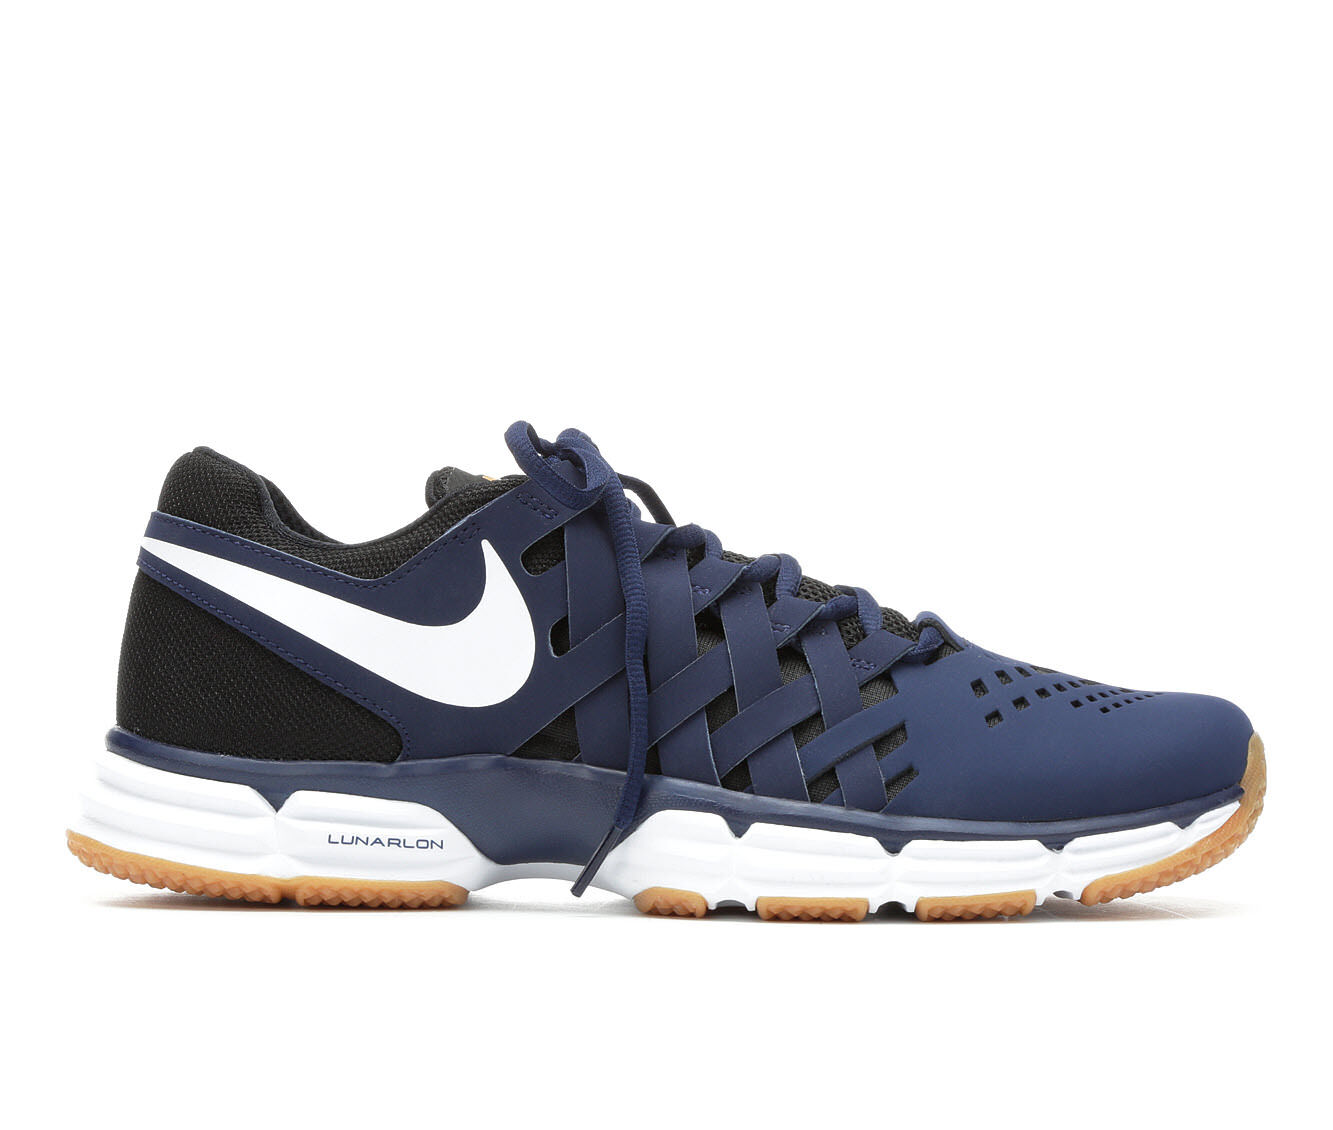 Nike Doigtier Lunaire Chaussures Pour Hommes De Formation Cliparts Noir Et Blanc vente magasin d'usine gros rabais wiki en ligne fOitkuAAr7